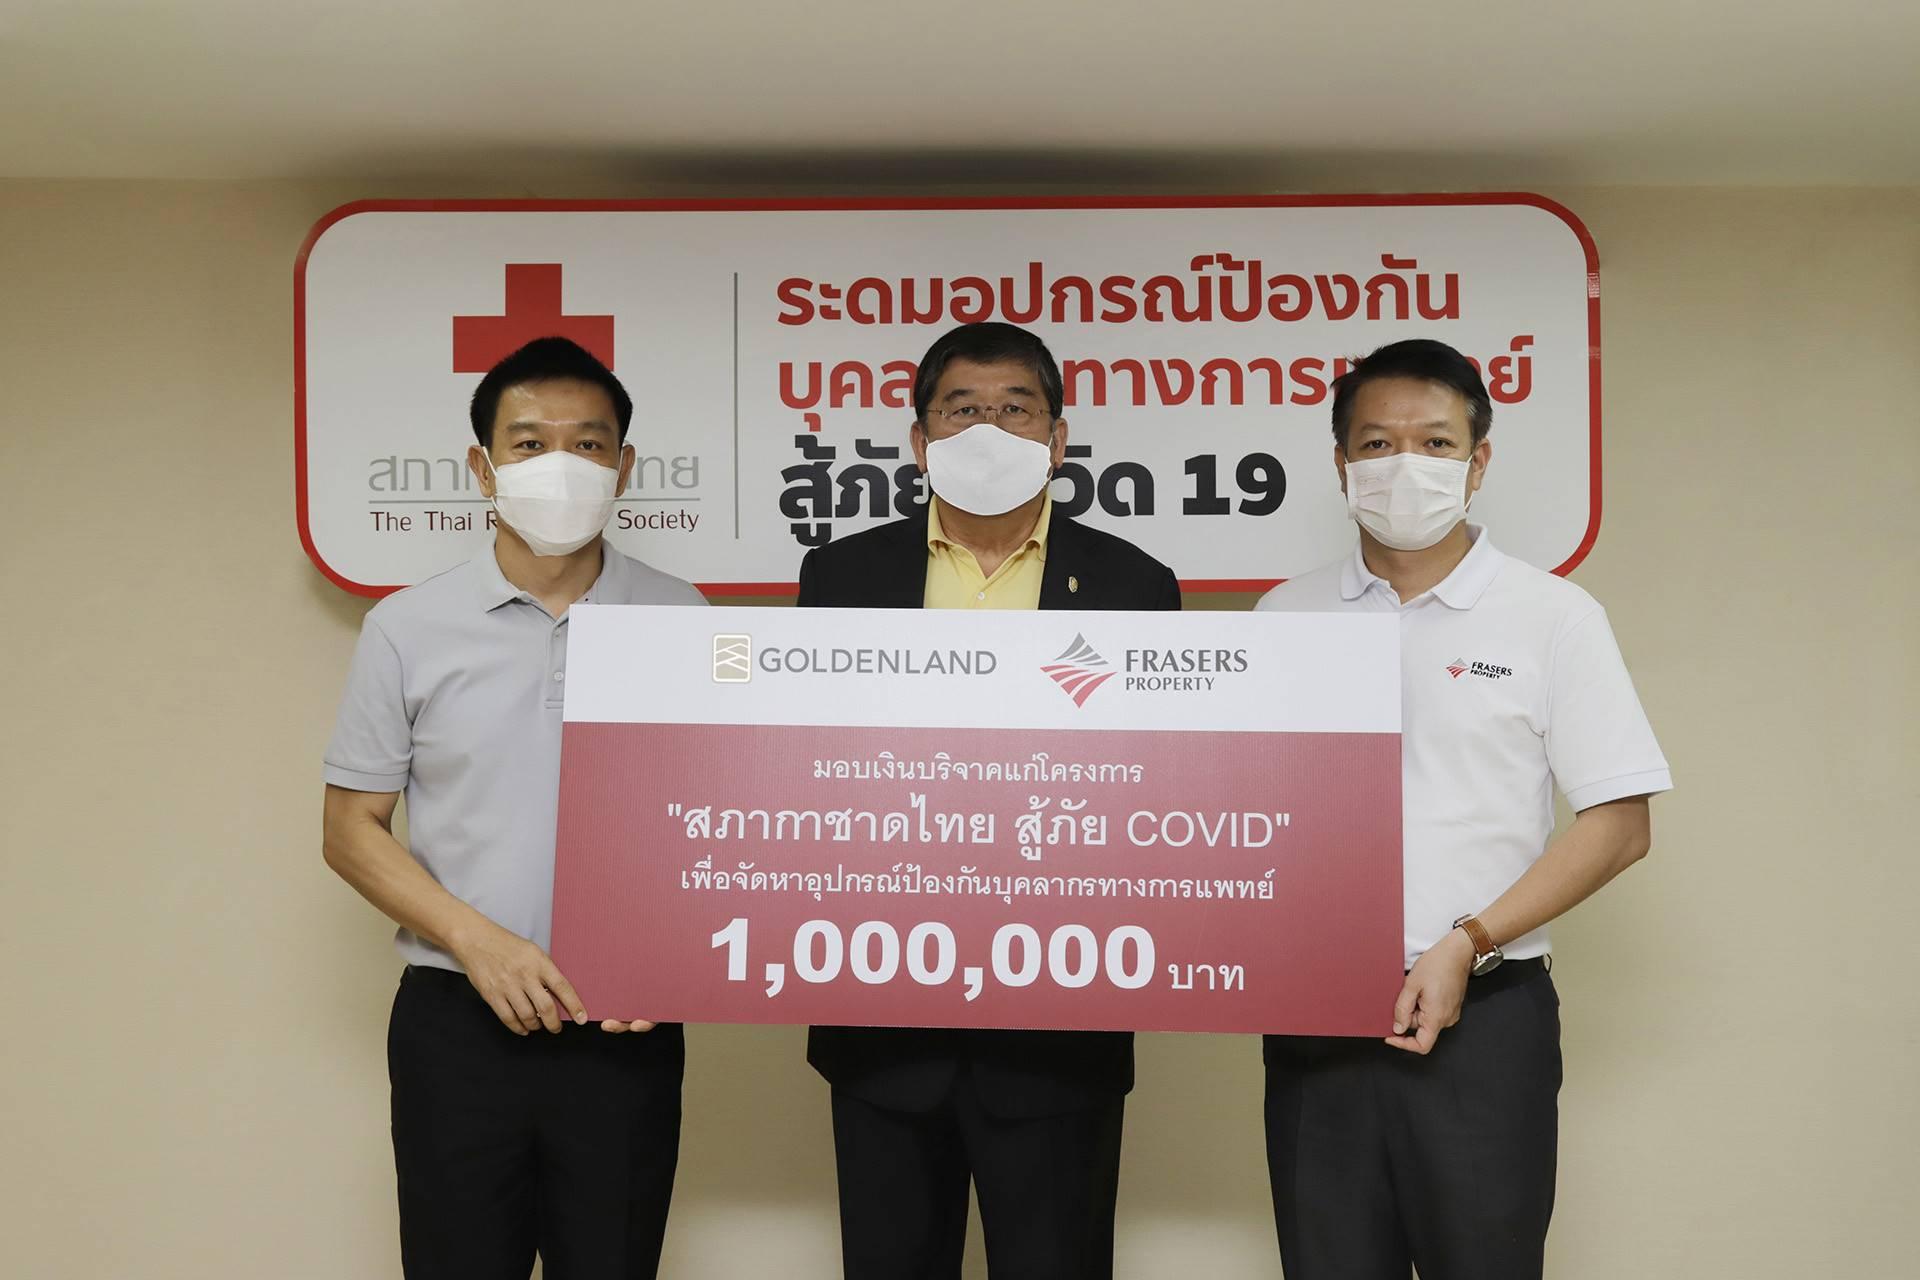 เฟรเซอร์โกลเด้นแลนด์มอบเงินบริจาคโครงการ สภากาชาดไทยสู้ภัย COVID | Prop2Morrow บ้าน คอนโด ข่าวอสังหาฯ